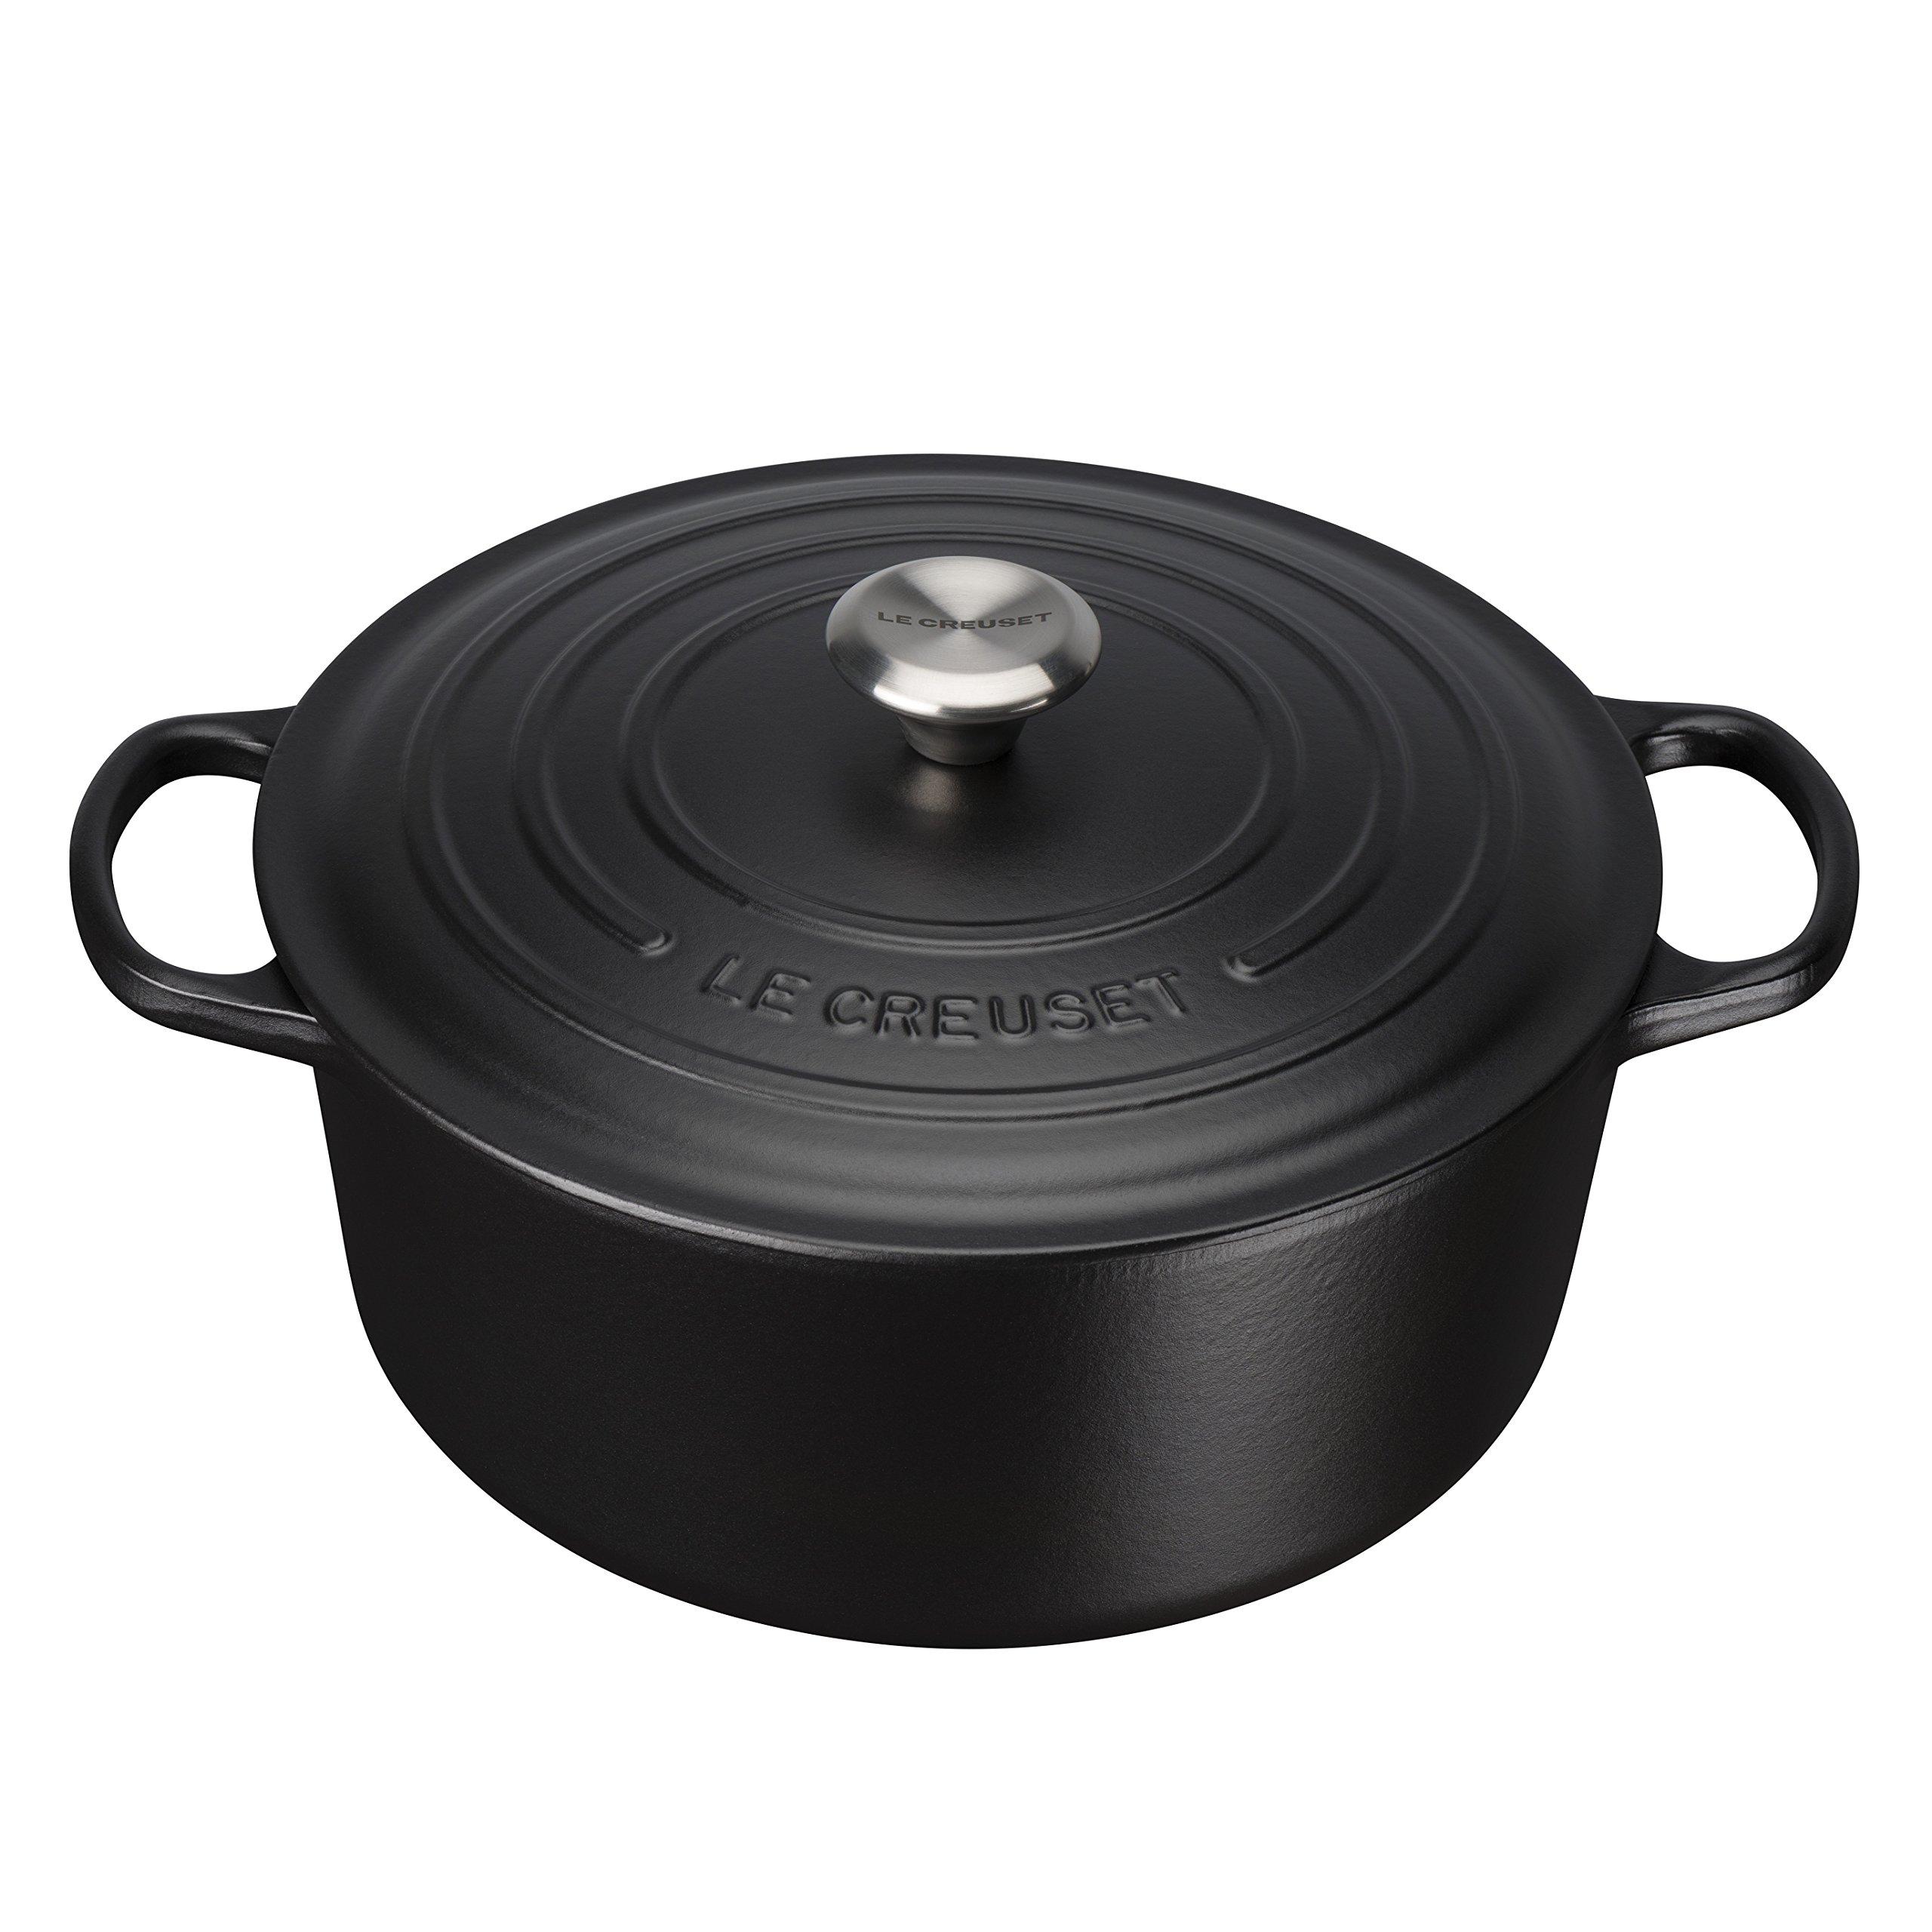 Le Creuset Cocotte Signature ronde en fonte émaillée, 28cm, noir mat product image